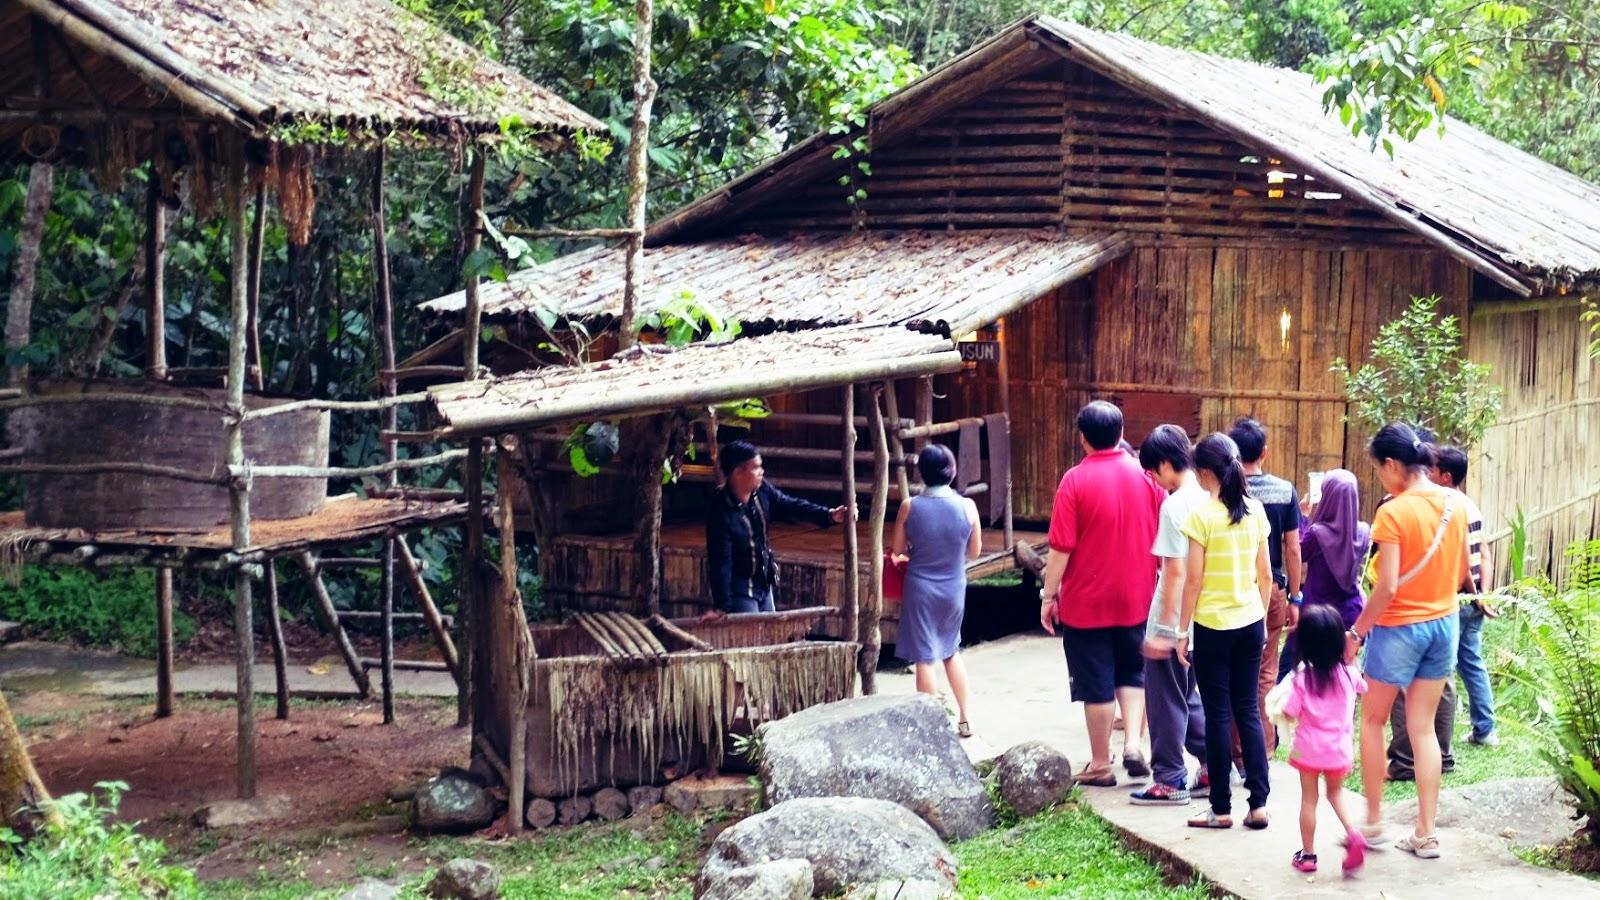 Dusun Long House at Mari Mari Cultural Village